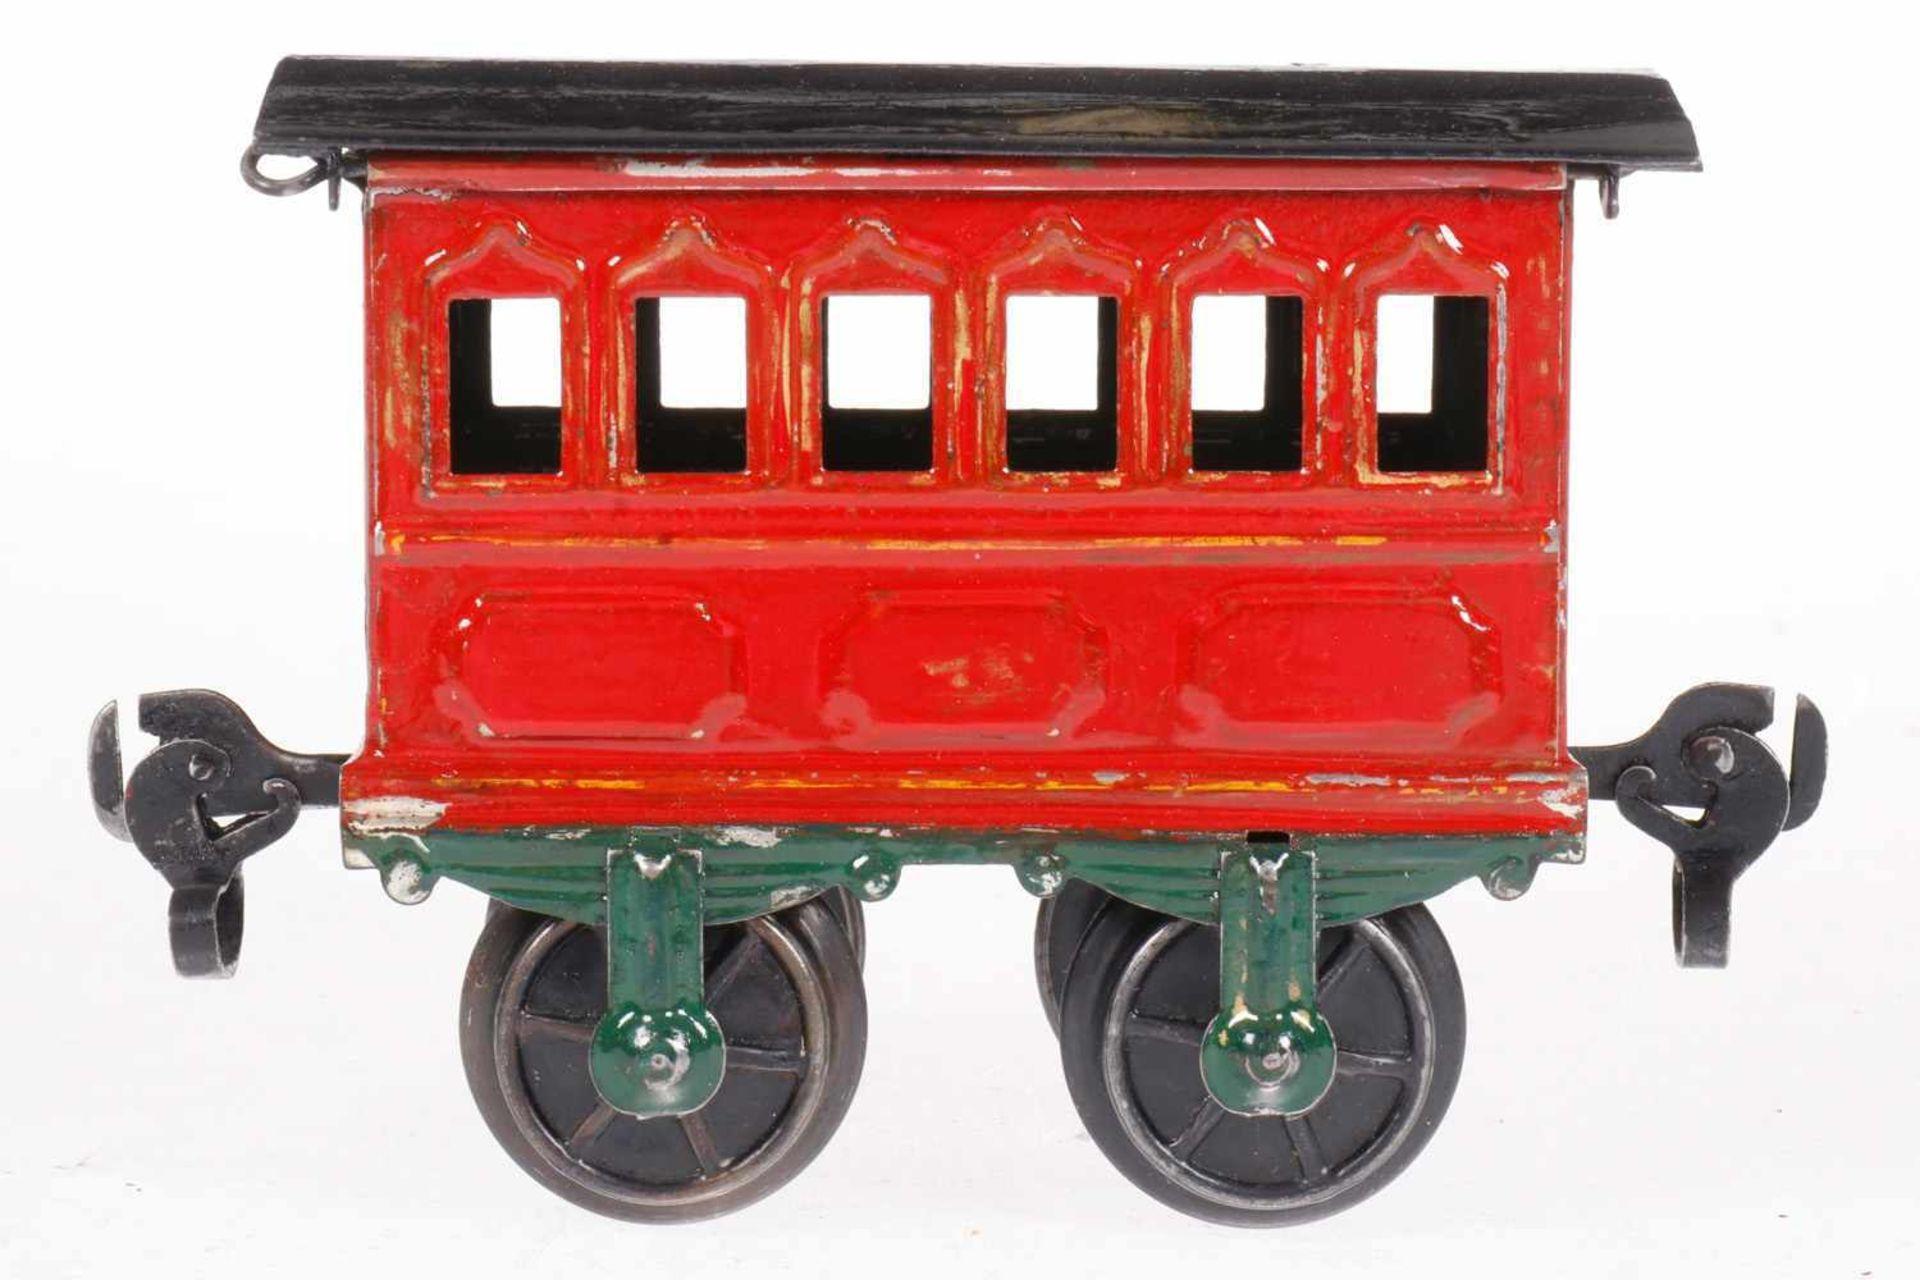 Märklin Personenwagen 1805, S 1, uralt, HL, mit Bügelkupplungen, LS, L 10,5, Klarlack